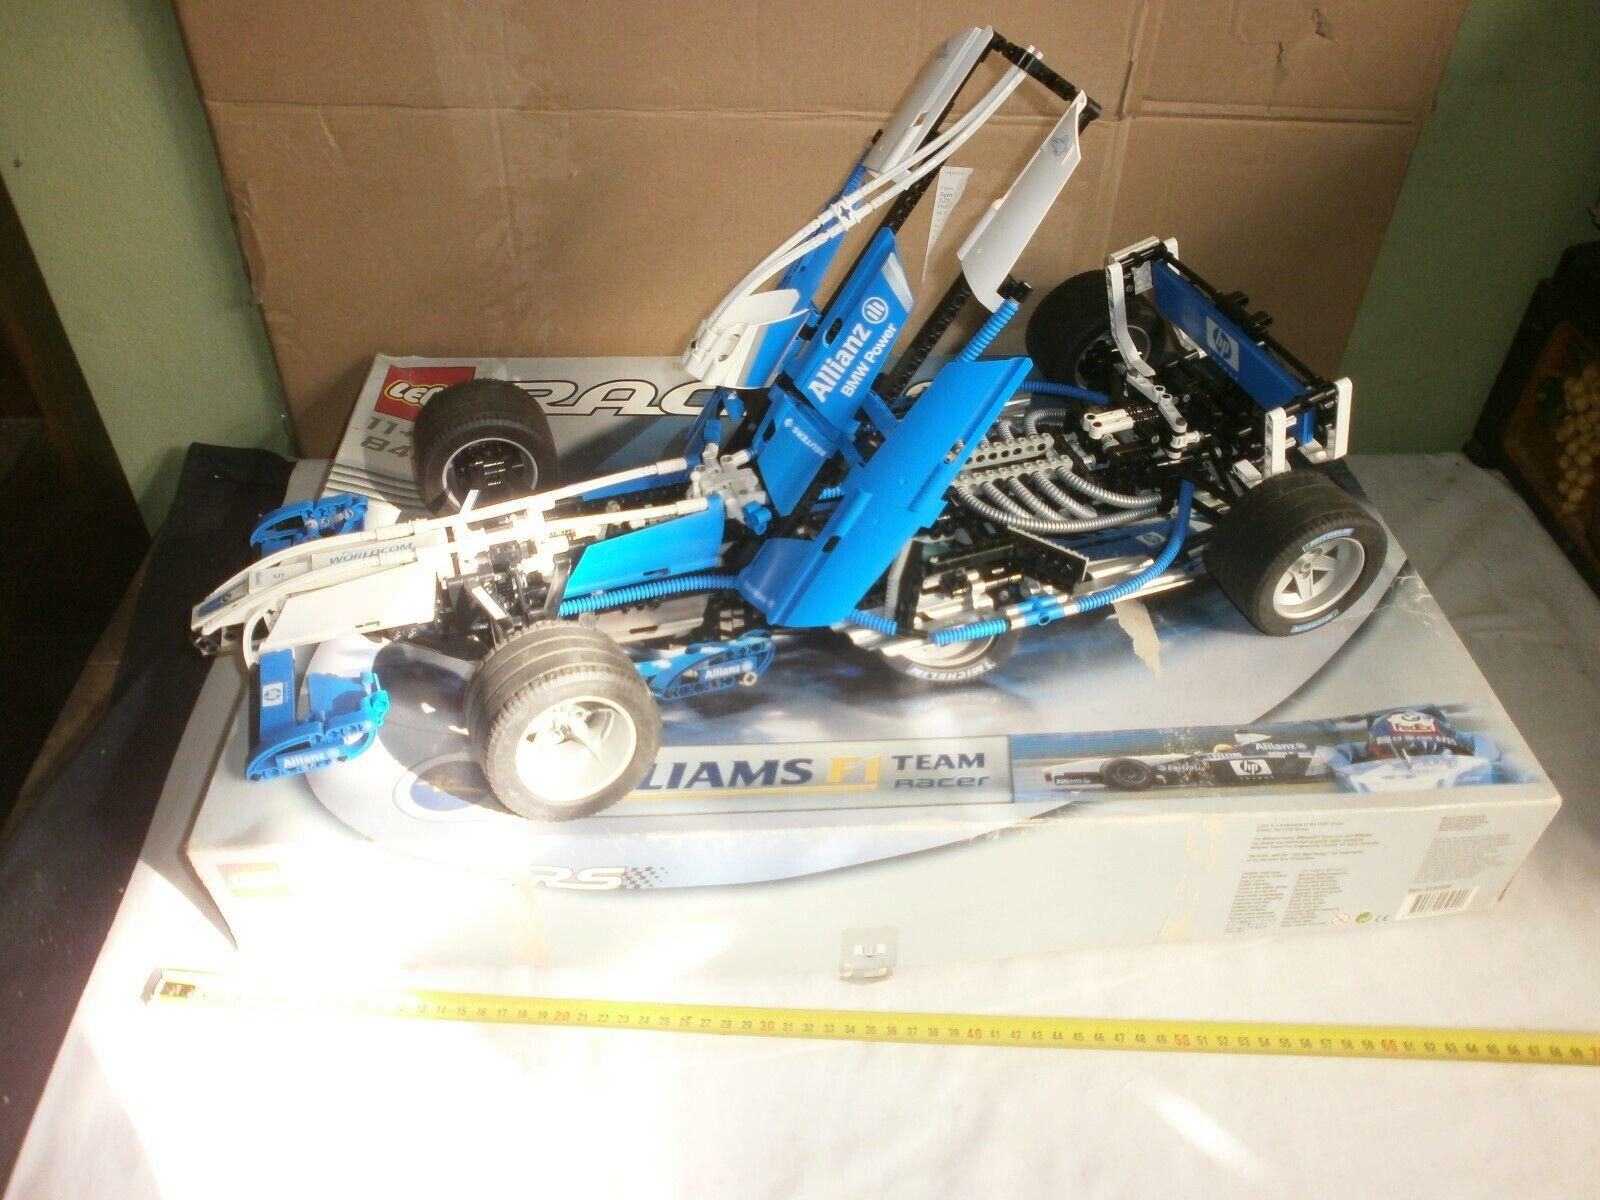 LEGO 8461 BMW WILLIAMS F1 TEAM NON COMPLETA SCATOLA 65X43X10 OTTIME CONDIZIONI